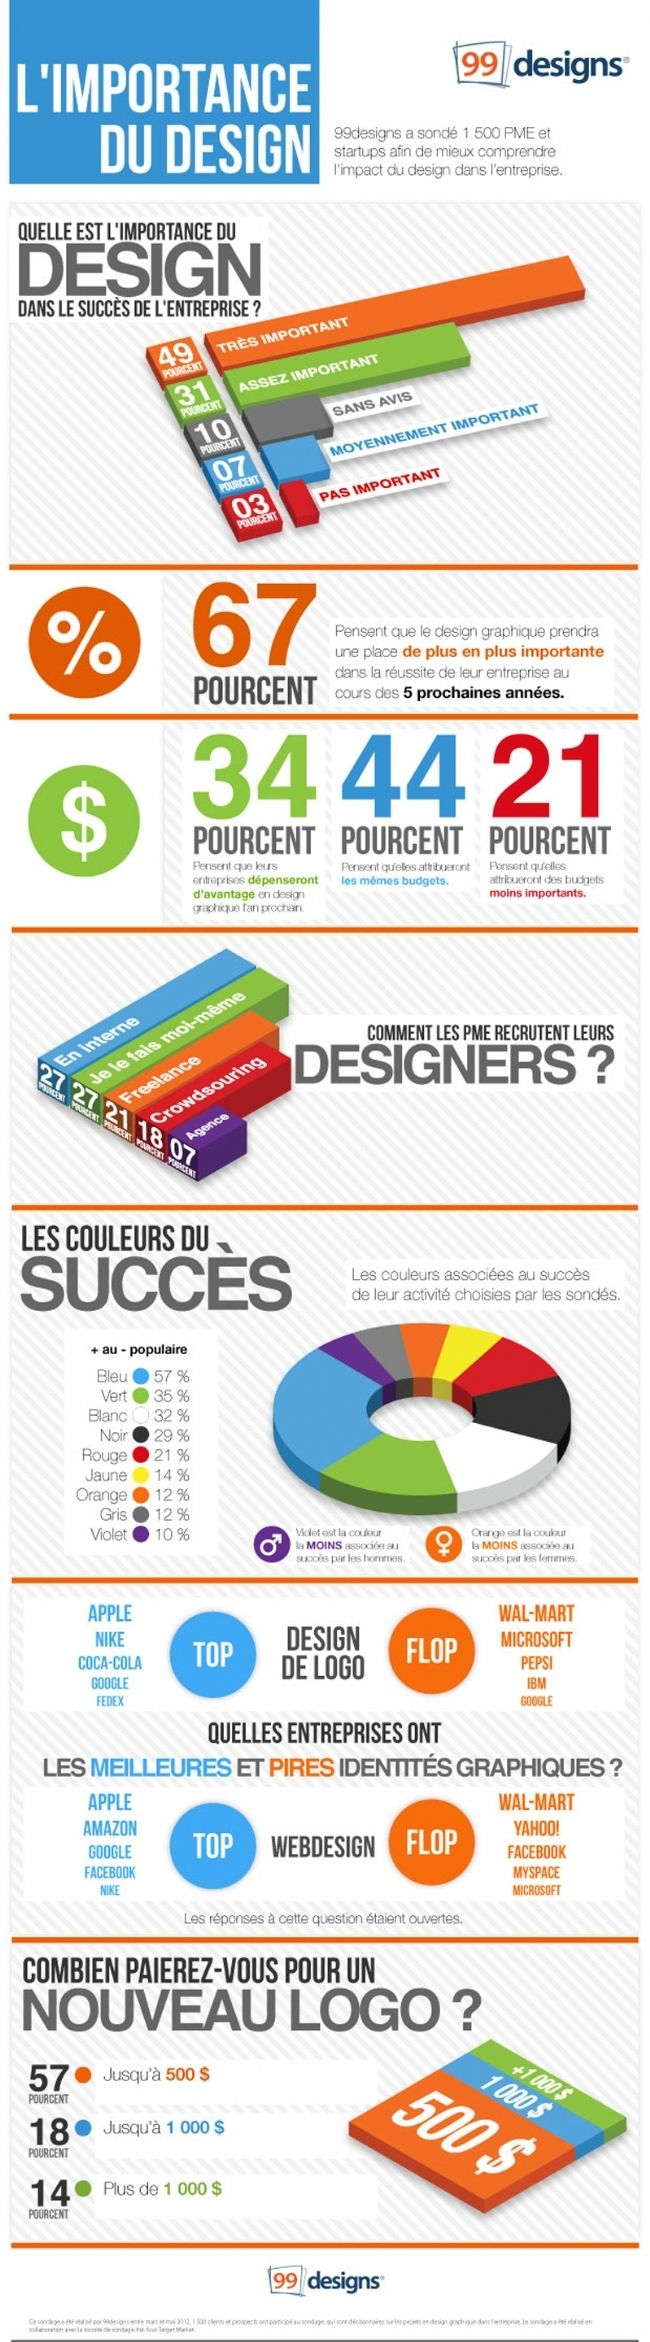 #Infographie Design graphique : bleu, couleur préférée des entreprises